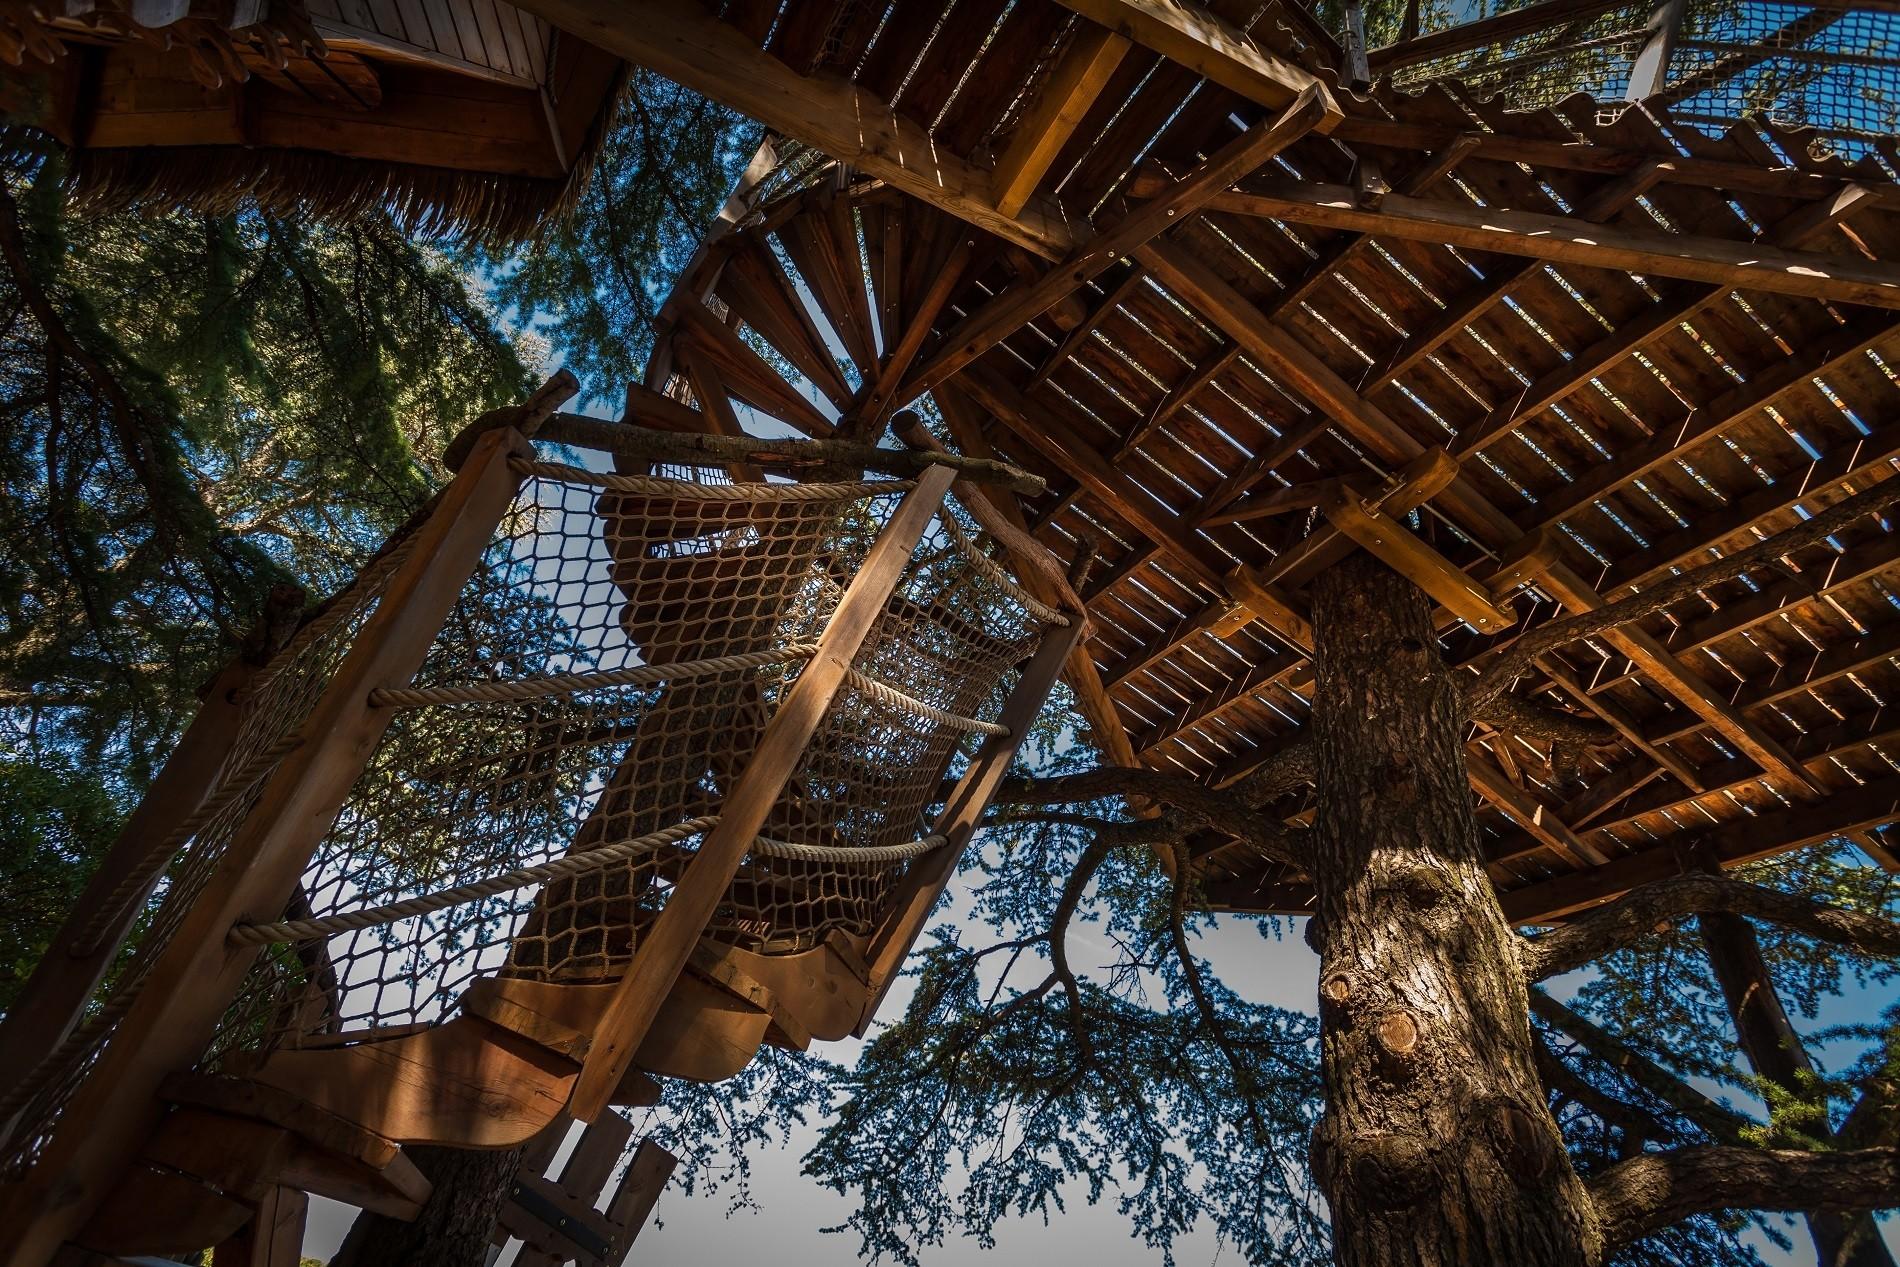 Photo 13 extérieur - Cabanes dans les arbres - Crécerelle -hébergement insolite à Montpellier - Tourisme de nature - Domaine saint Jean de l'Arbousier, Castries, Hérault